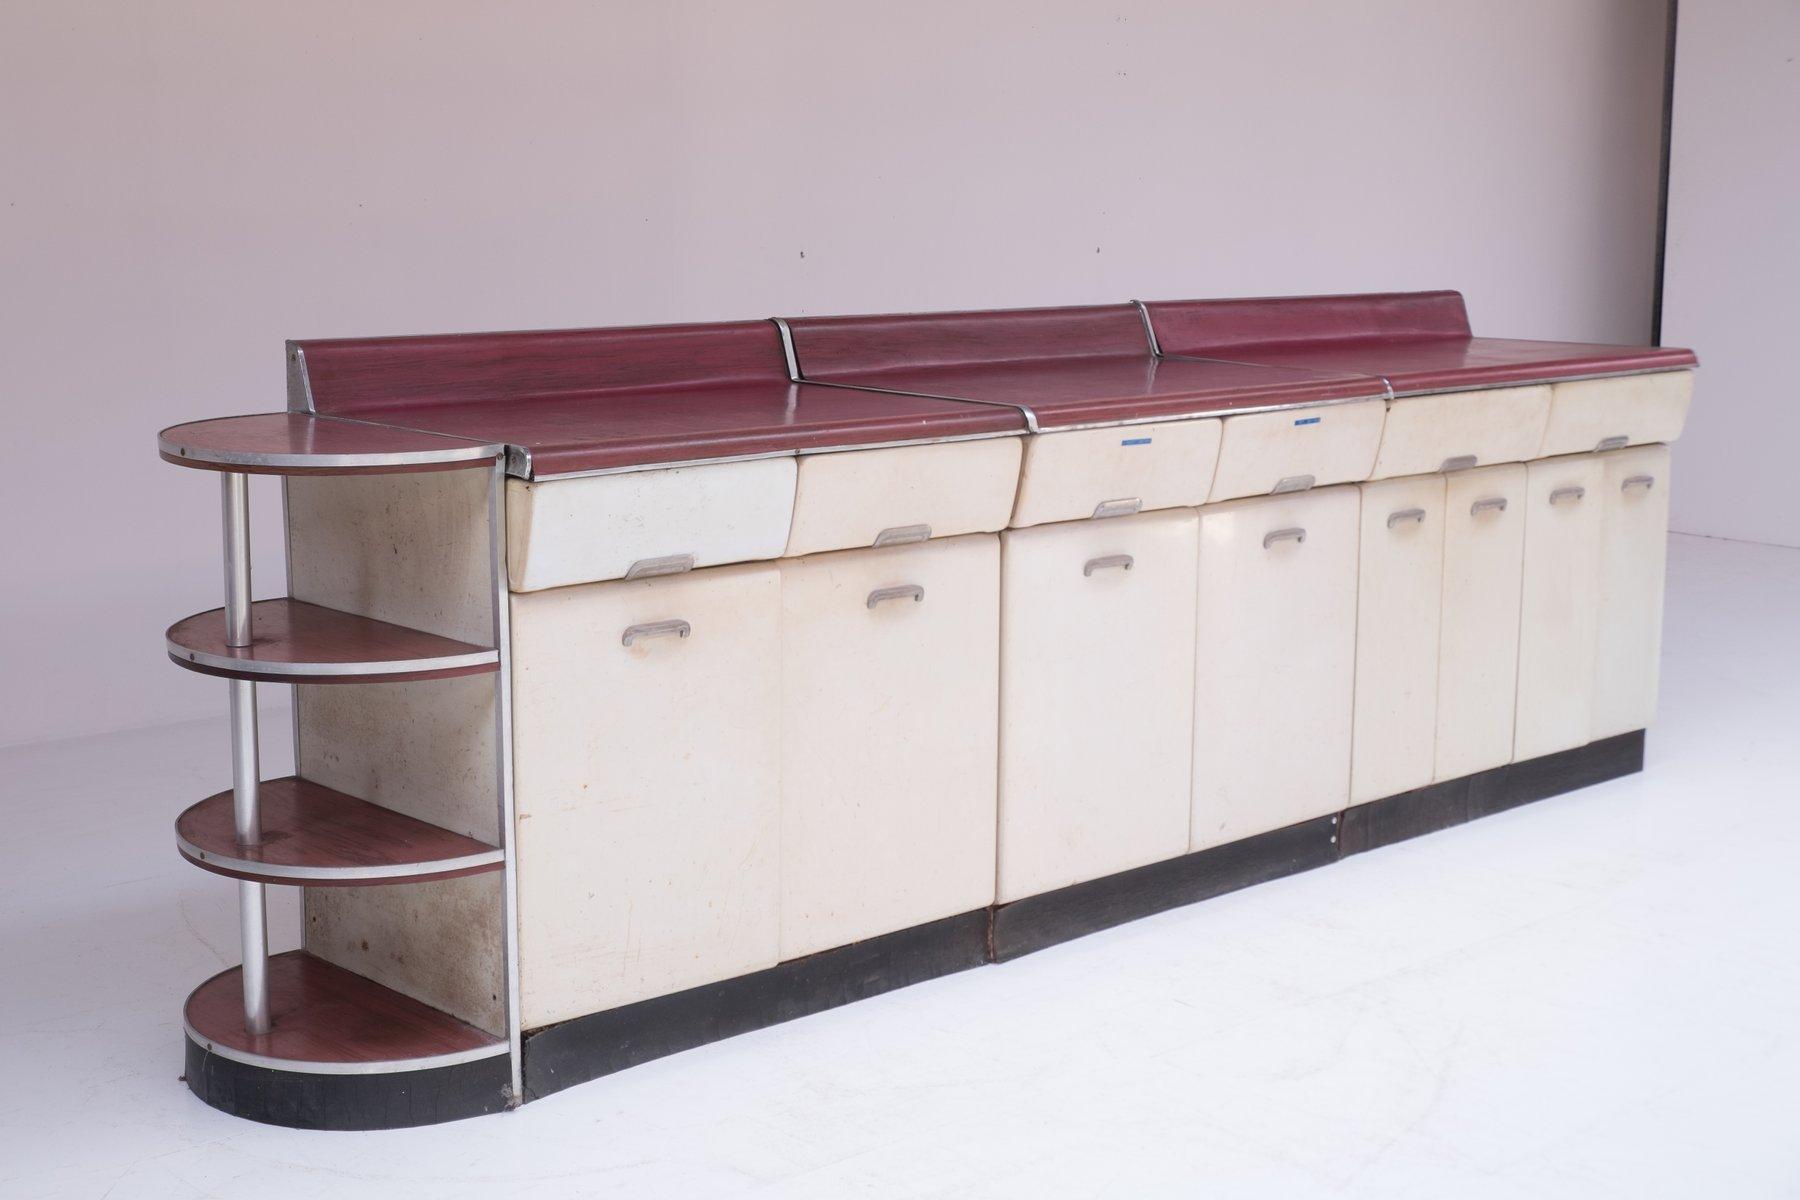 Mobili Anni 50 : Mobile cucina anni 50 usato rinnovo cucine cambia solo le ante